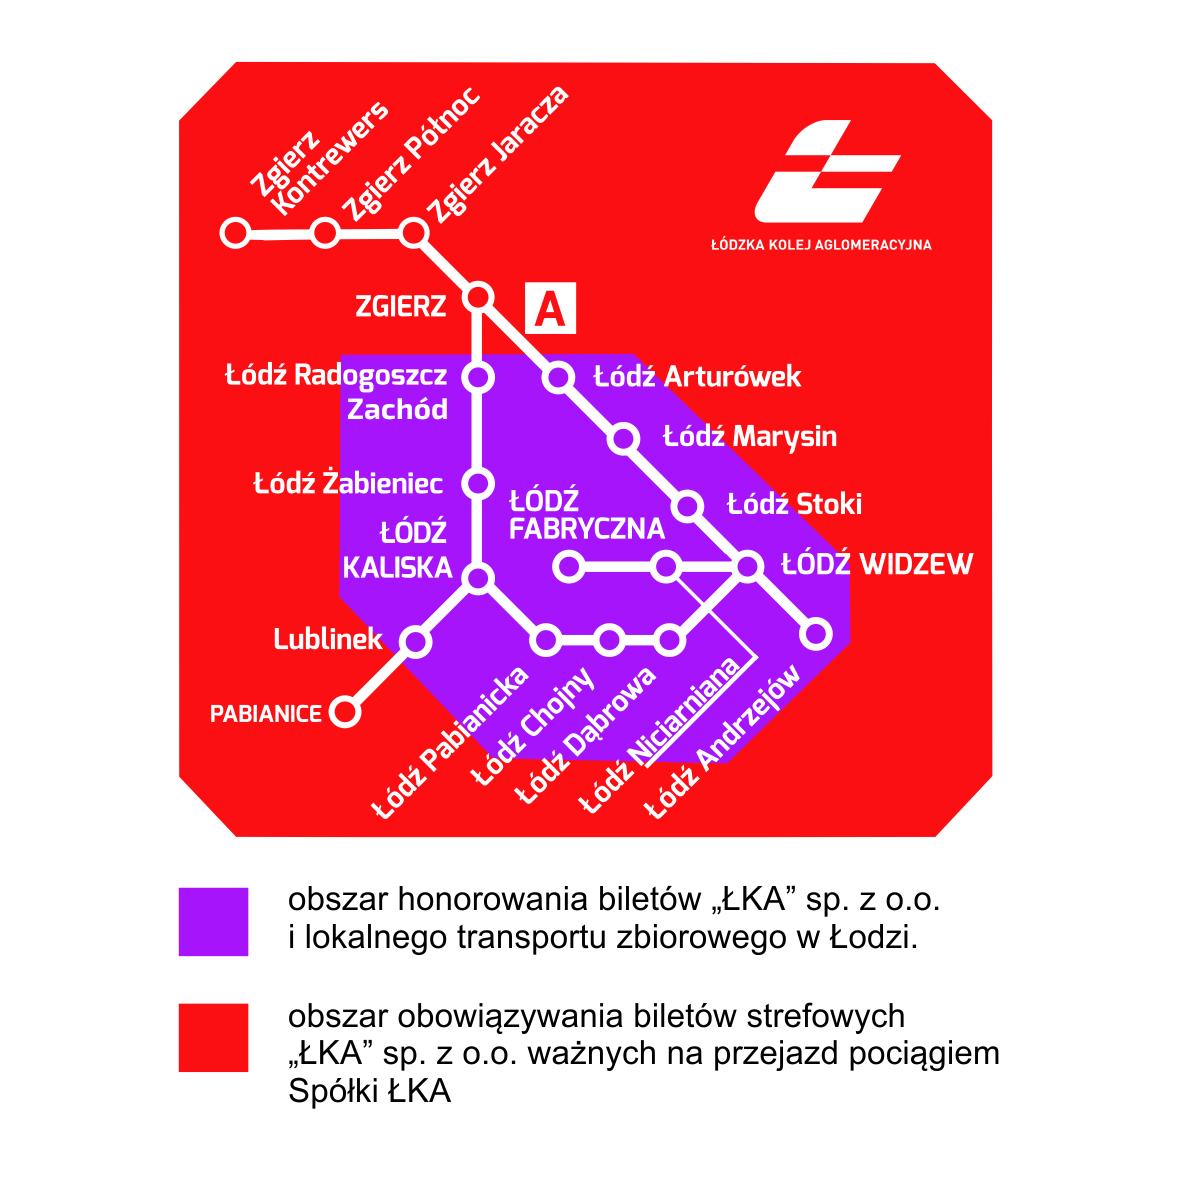 Mapa zasięgu biletów strefowych ŁKA, opis powyżej